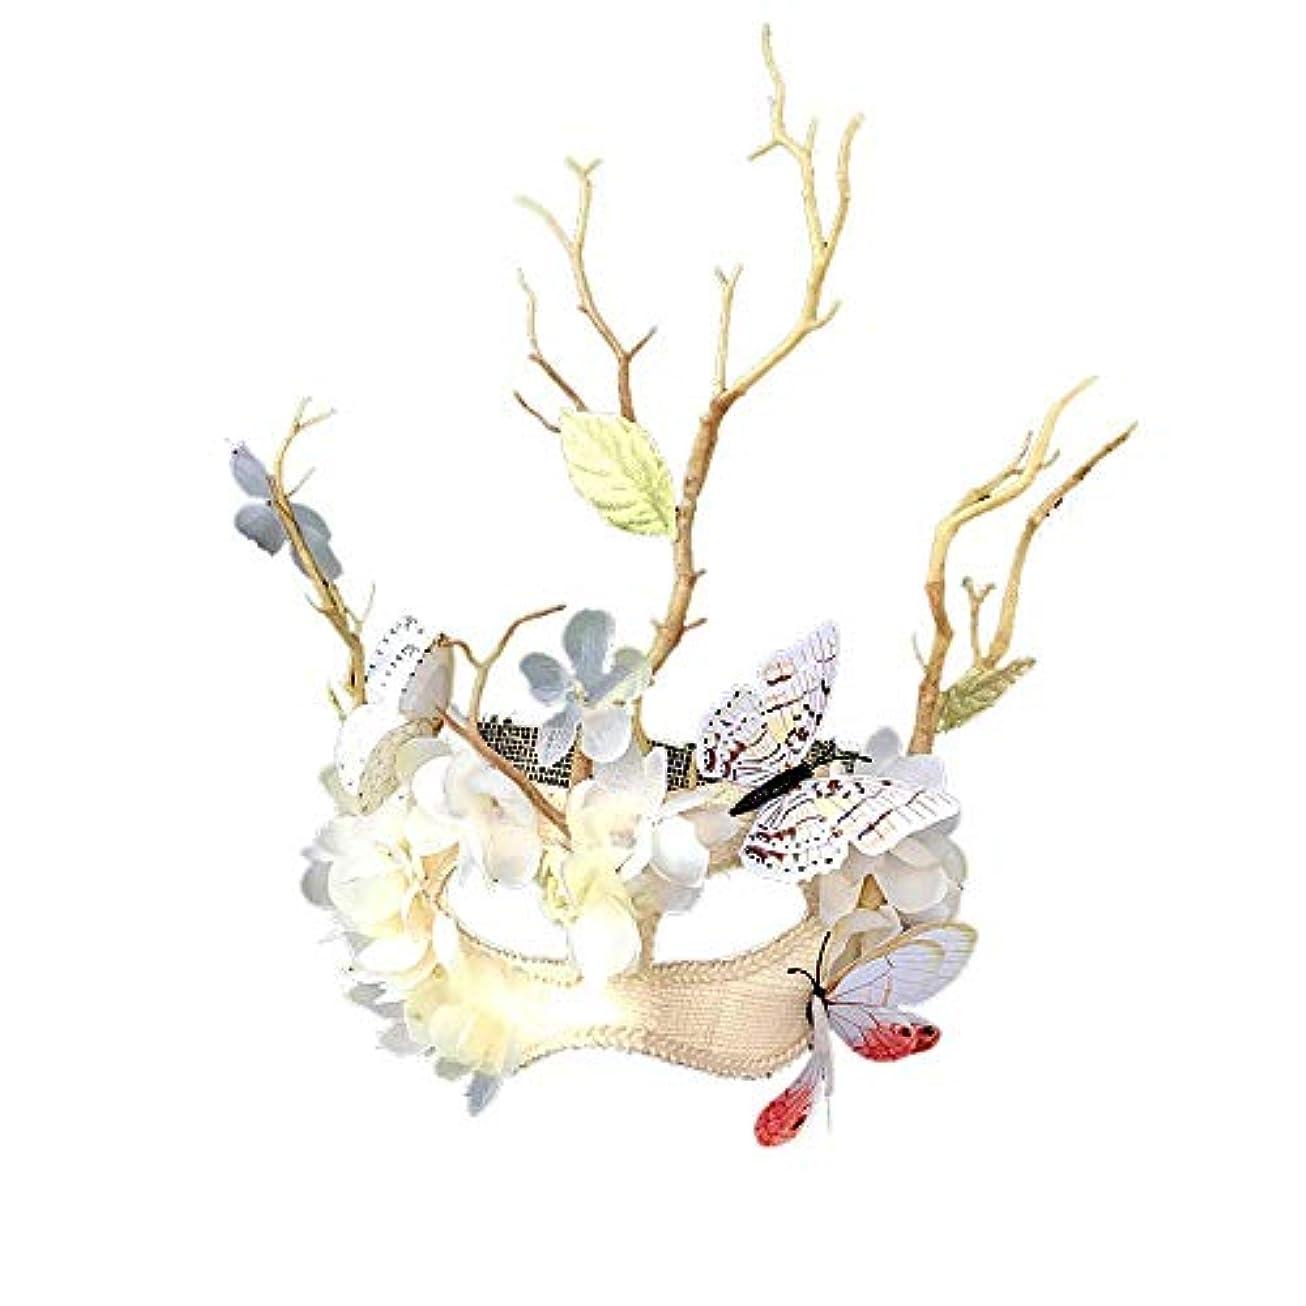 彼女自身判定講師Nanle ハロウィンの蝶の木ブランチマスク仮装マスクレディミスプリンセス美容祭パーティーデコレーション (色 : ベージュ)